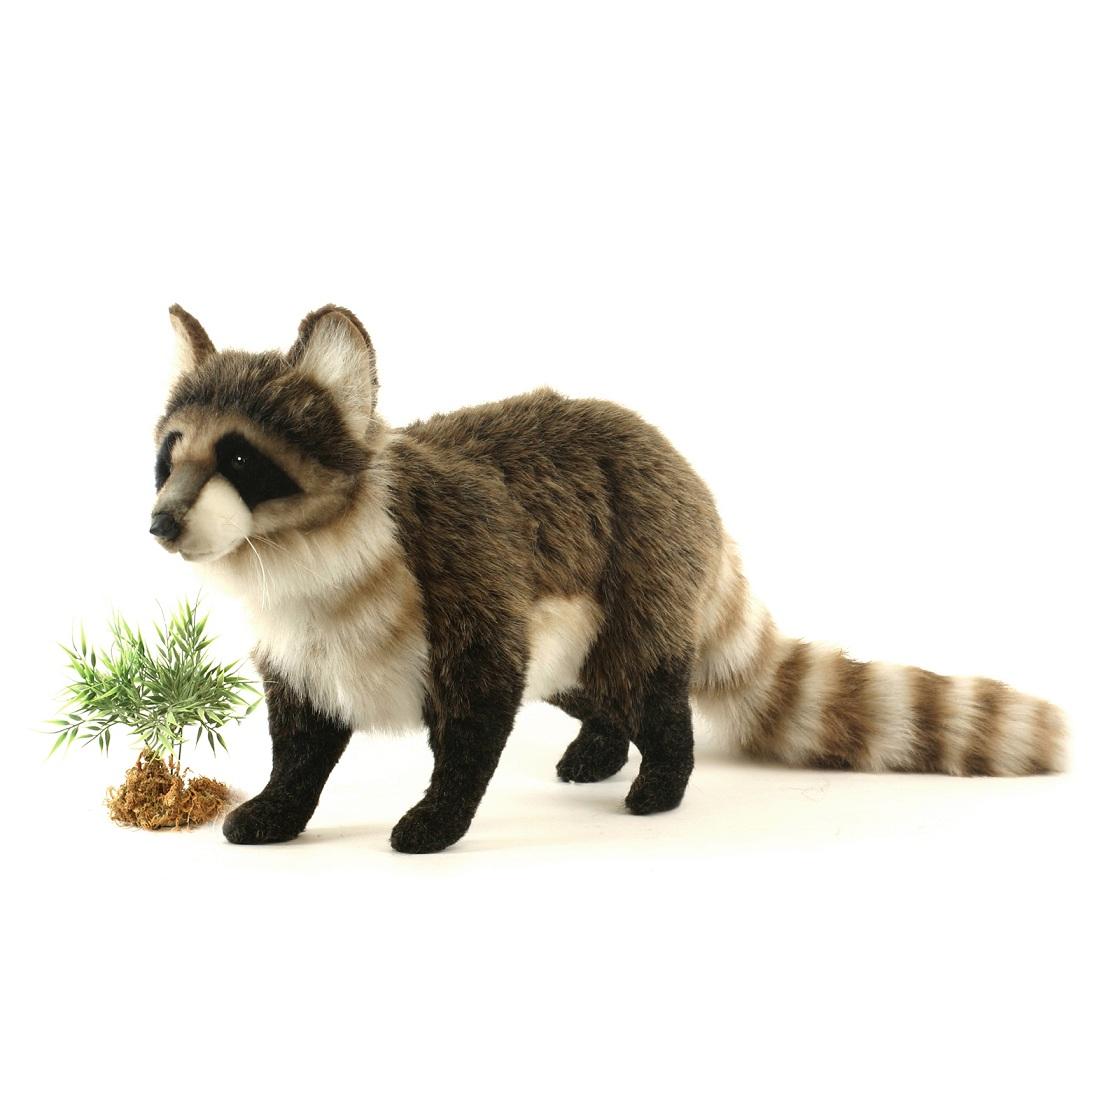 Мягкая игрушка - Енот стоящий, 45 смДикие животные<br>Мягкая игрушка - Енот стоящий, 45 см<br>